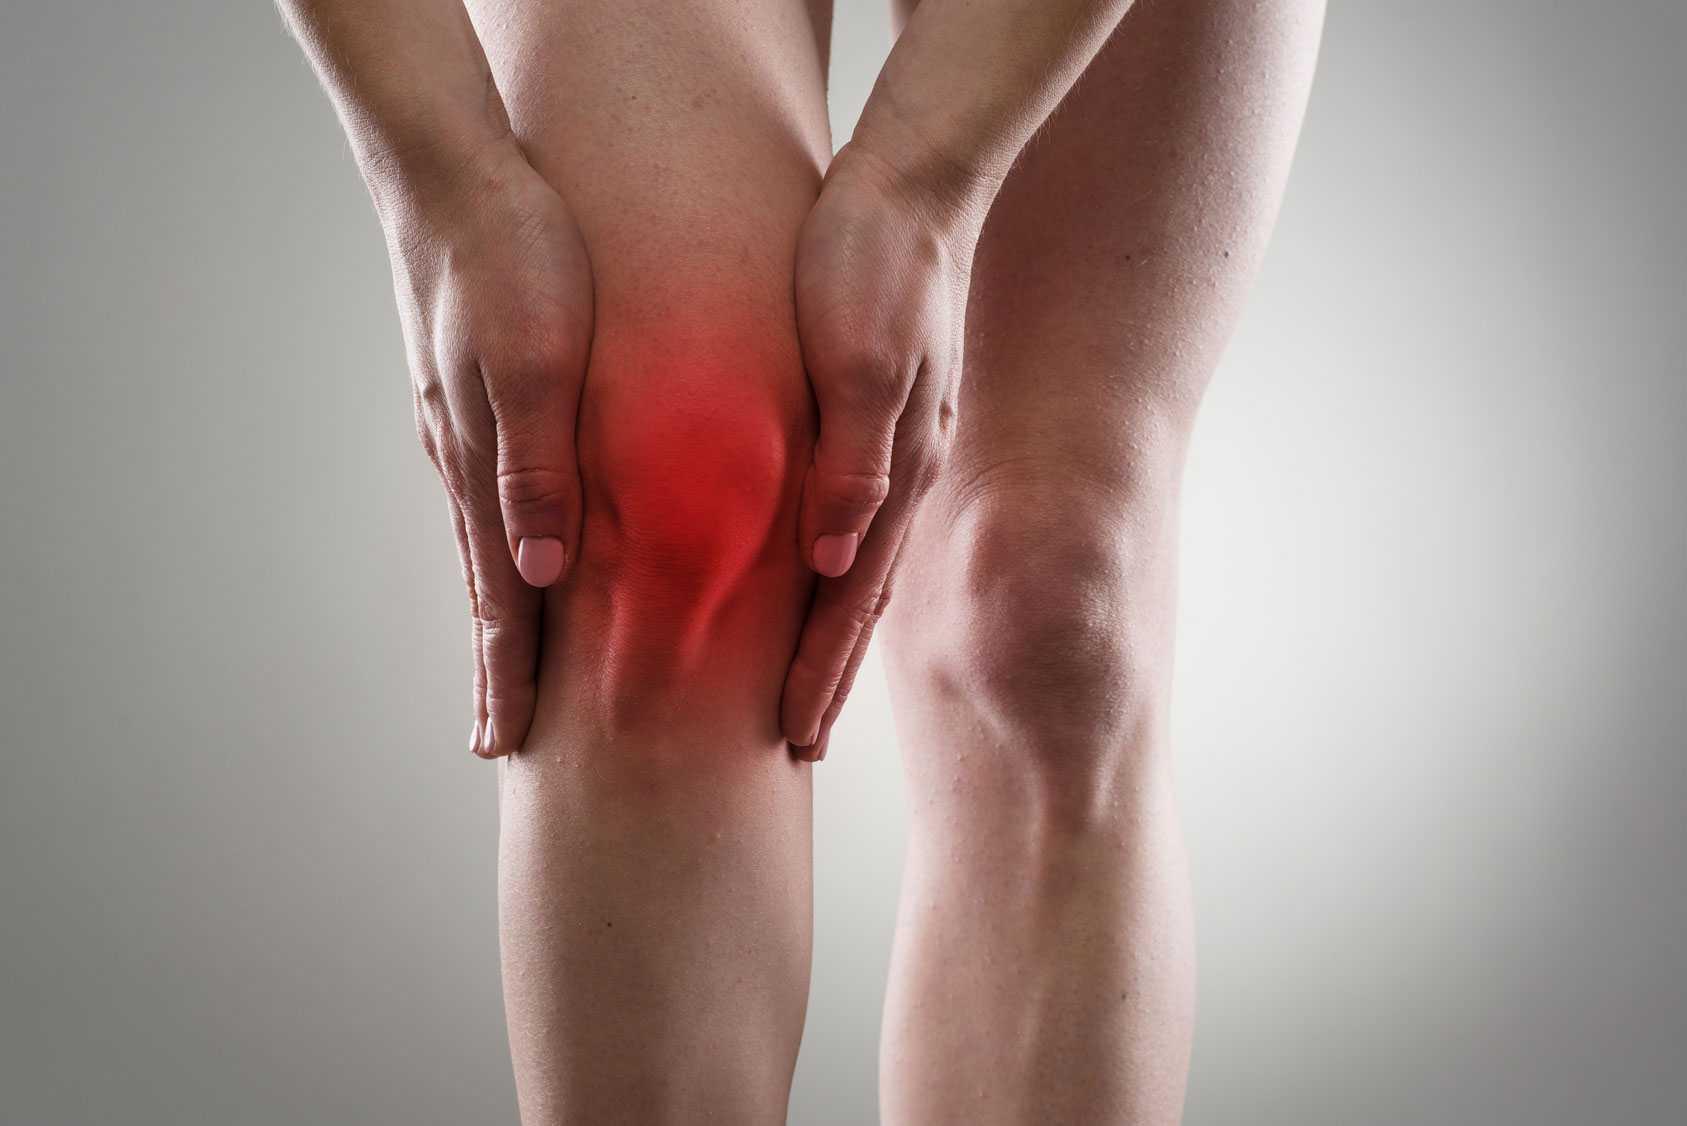 dolor de rodilla animae benidorm